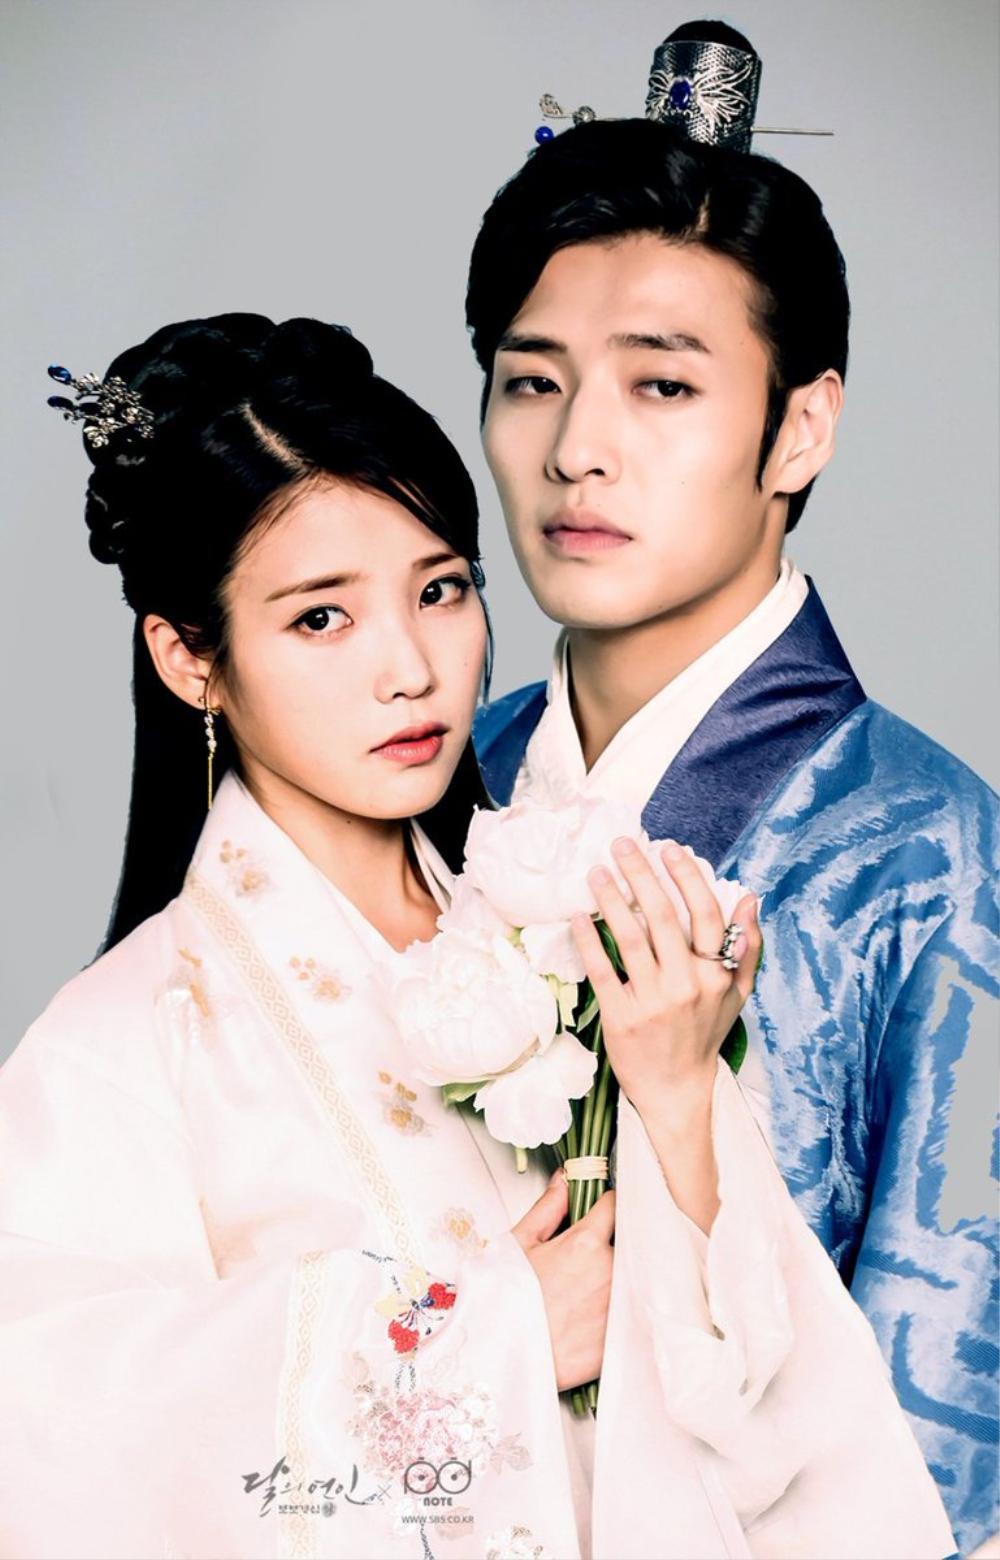 Kang Ha Neul tái hợp với Park Seo Joon và IU trong phim điện ảnh 'Dream' Ảnh 6